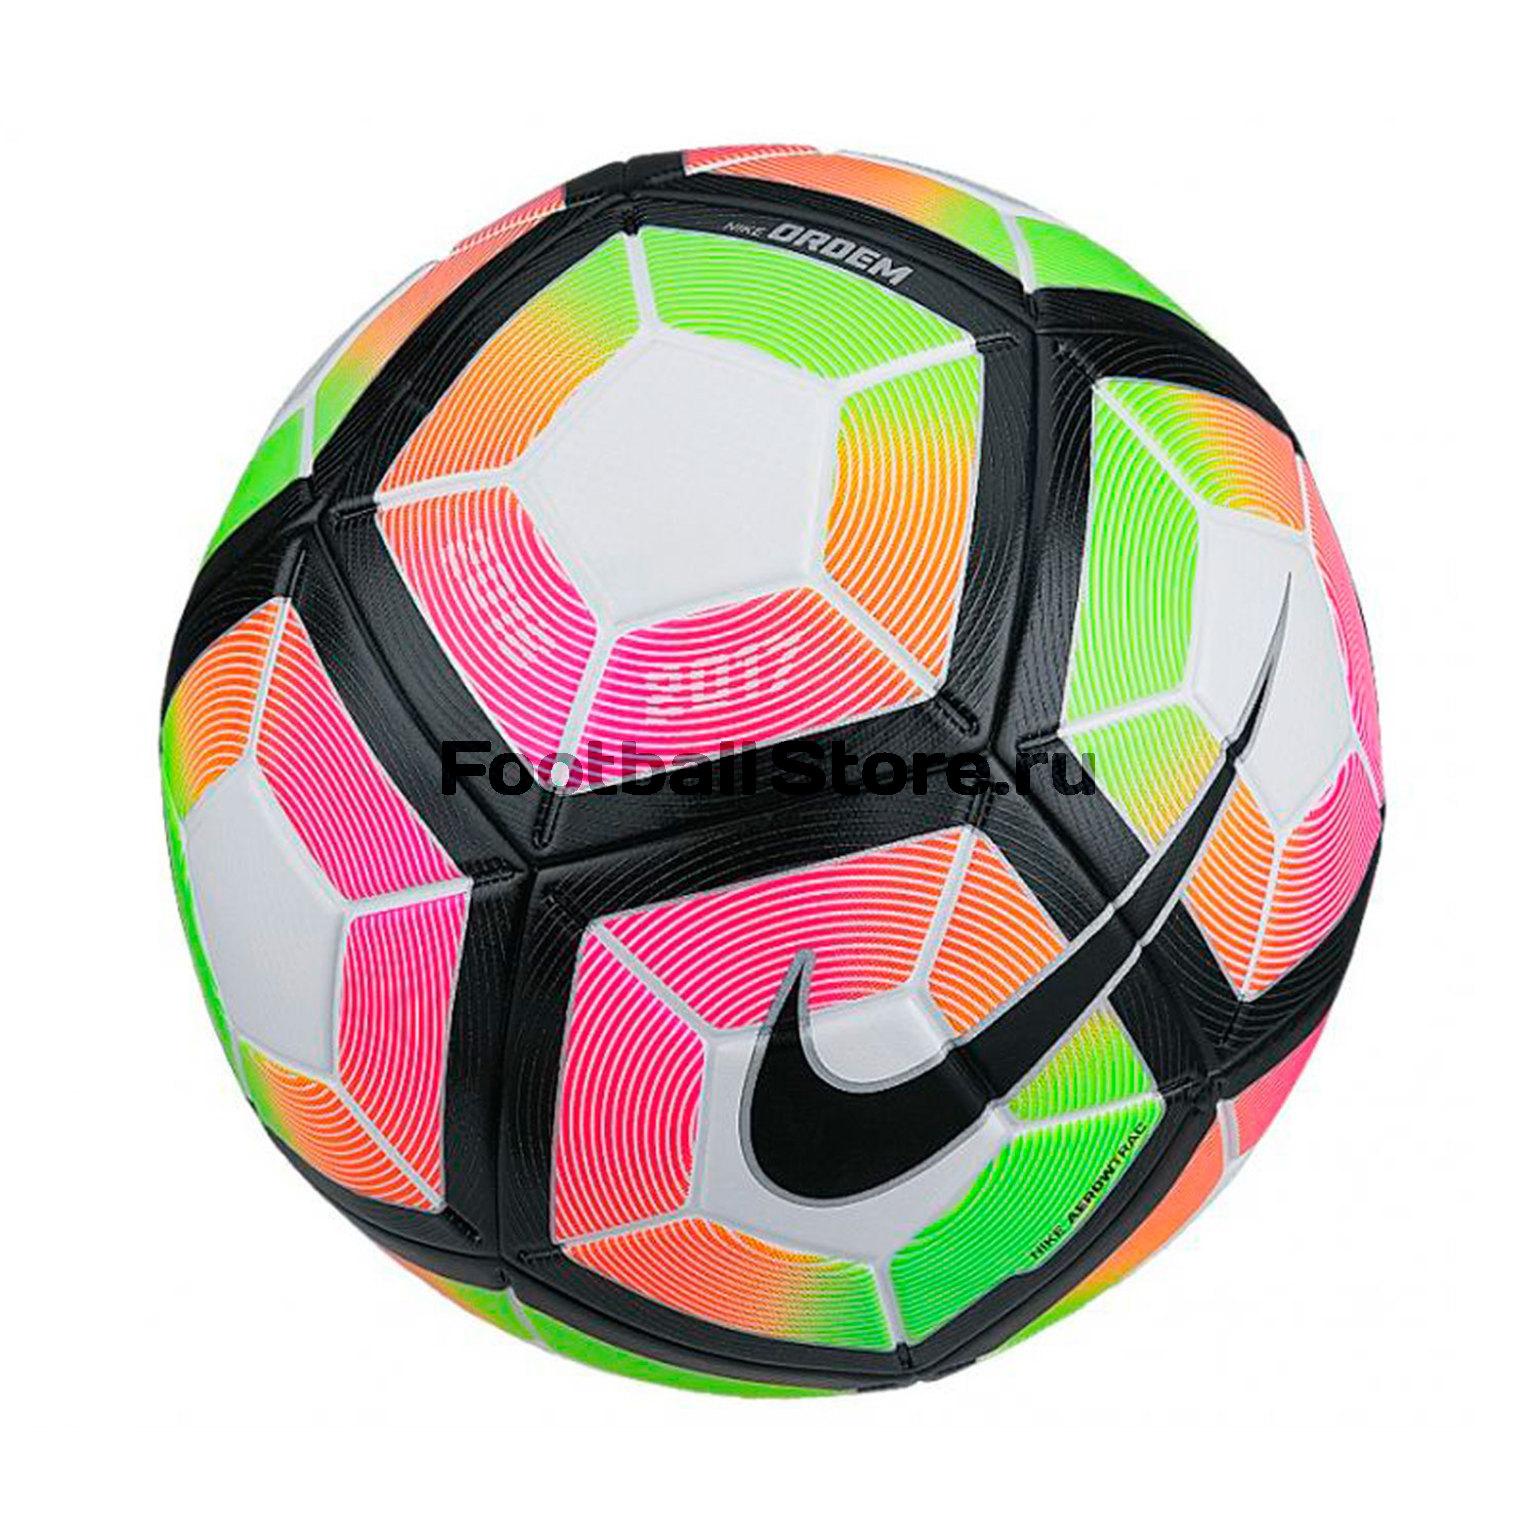 bbcb4645 Профессиональный футбольный мяч Nike Ordem 4 SC2943-100 – купить в ...